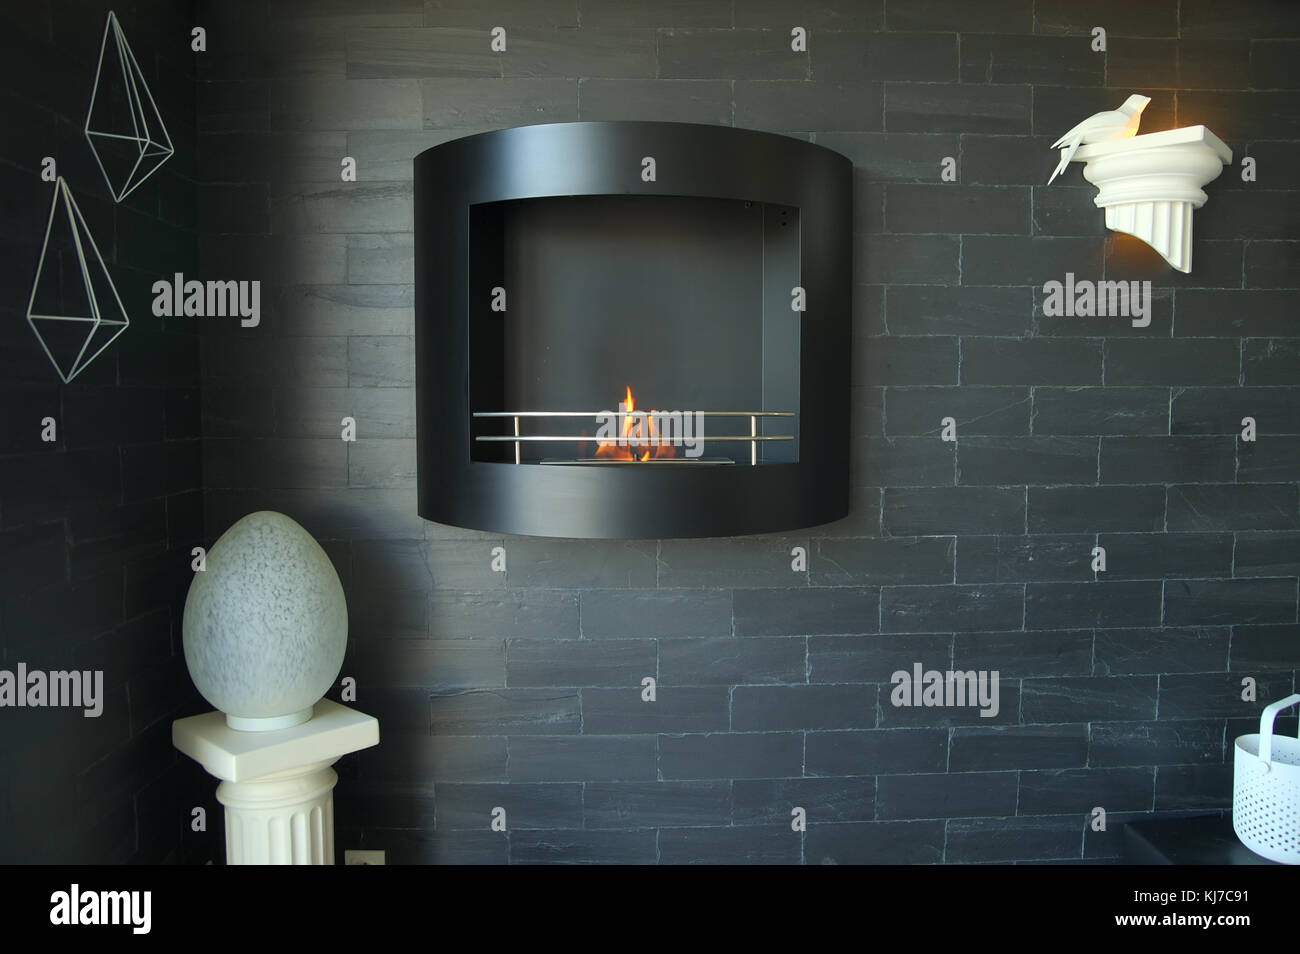 Wall Mount Bio Ethanol Kamin Auf Einem Schwarzen Brickwall Mit Lampen Und Deko In Einer Franzosischen Home Stockfotografie Alamy